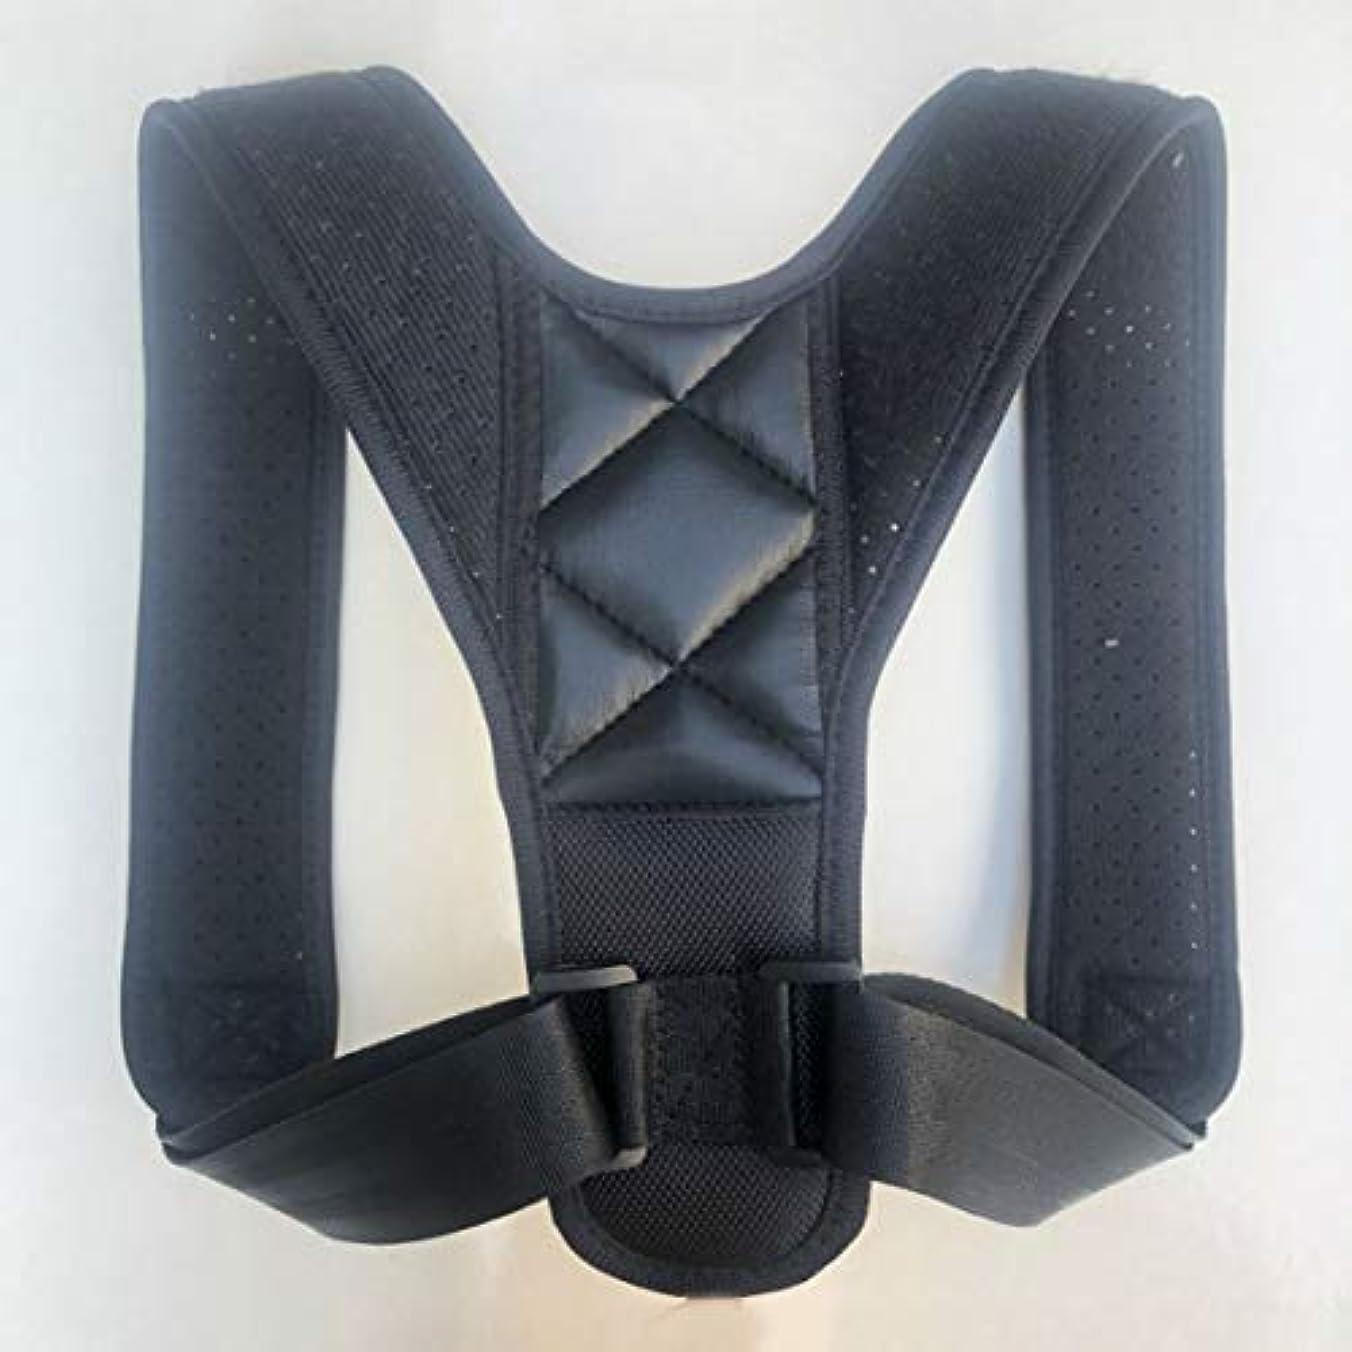 ブレース感謝祭本質的にアッパーバックポスチャーコレクター姿勢鎖骨サポートコレクターバックストレートショルダーブレースストラップコレクター - ブラック